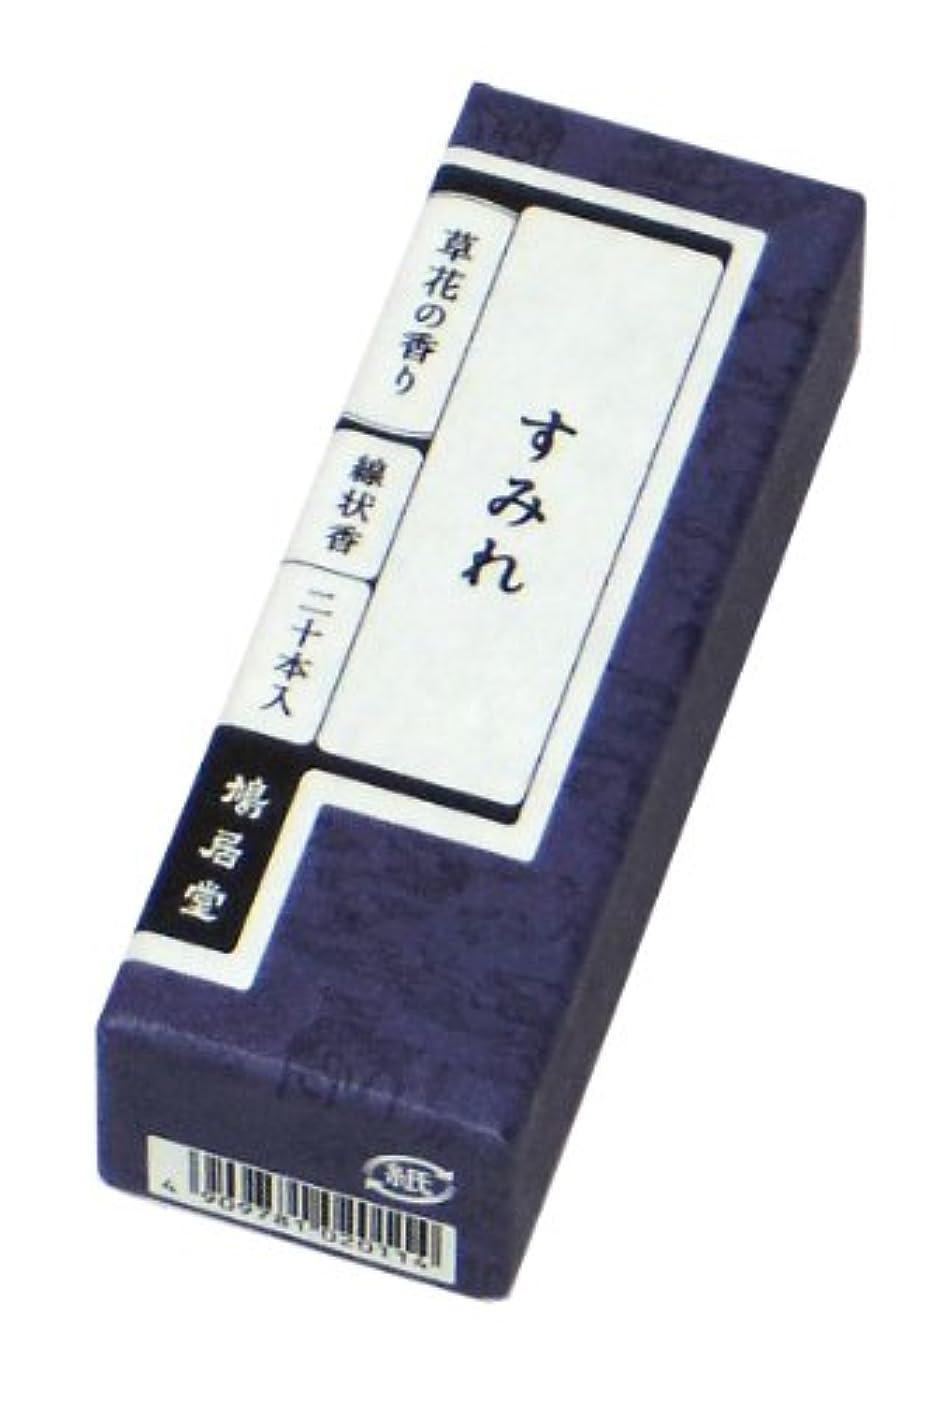 ながら不透明なフライト鳩居堂のお香 草花の香り すみれ 20本入 6cm